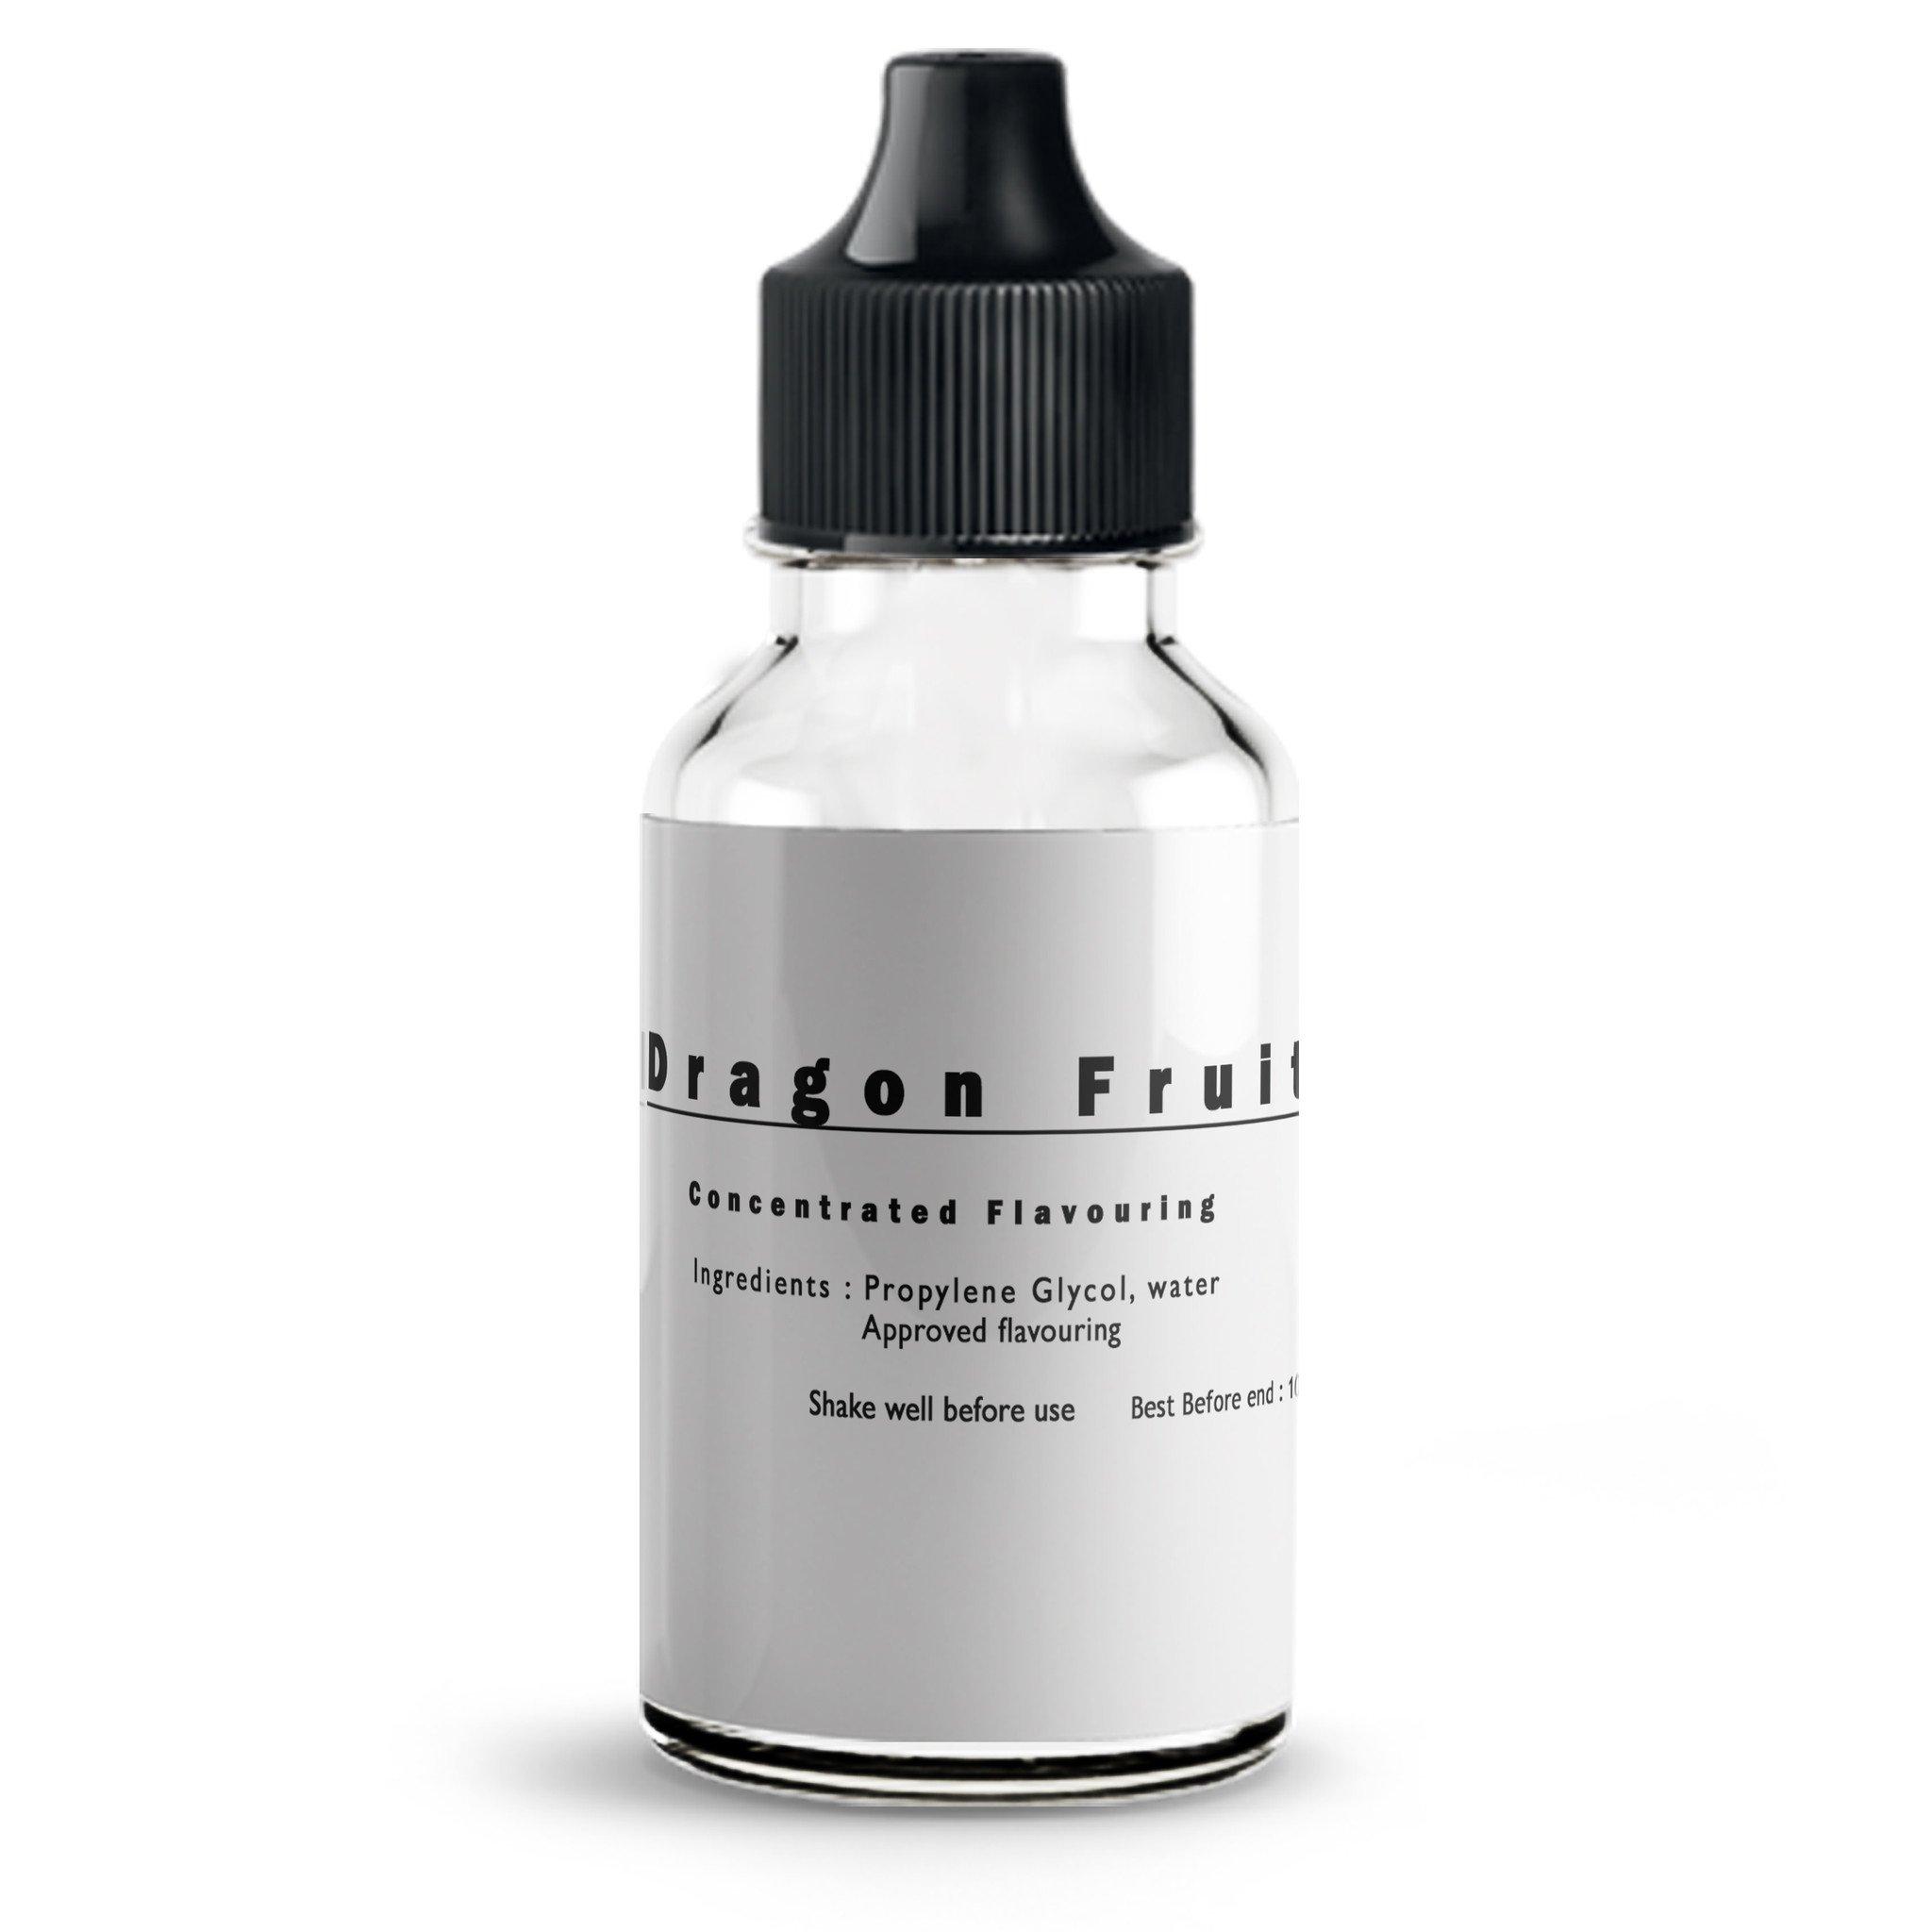 Dragon Fruit Flavour concentrate for E liquids